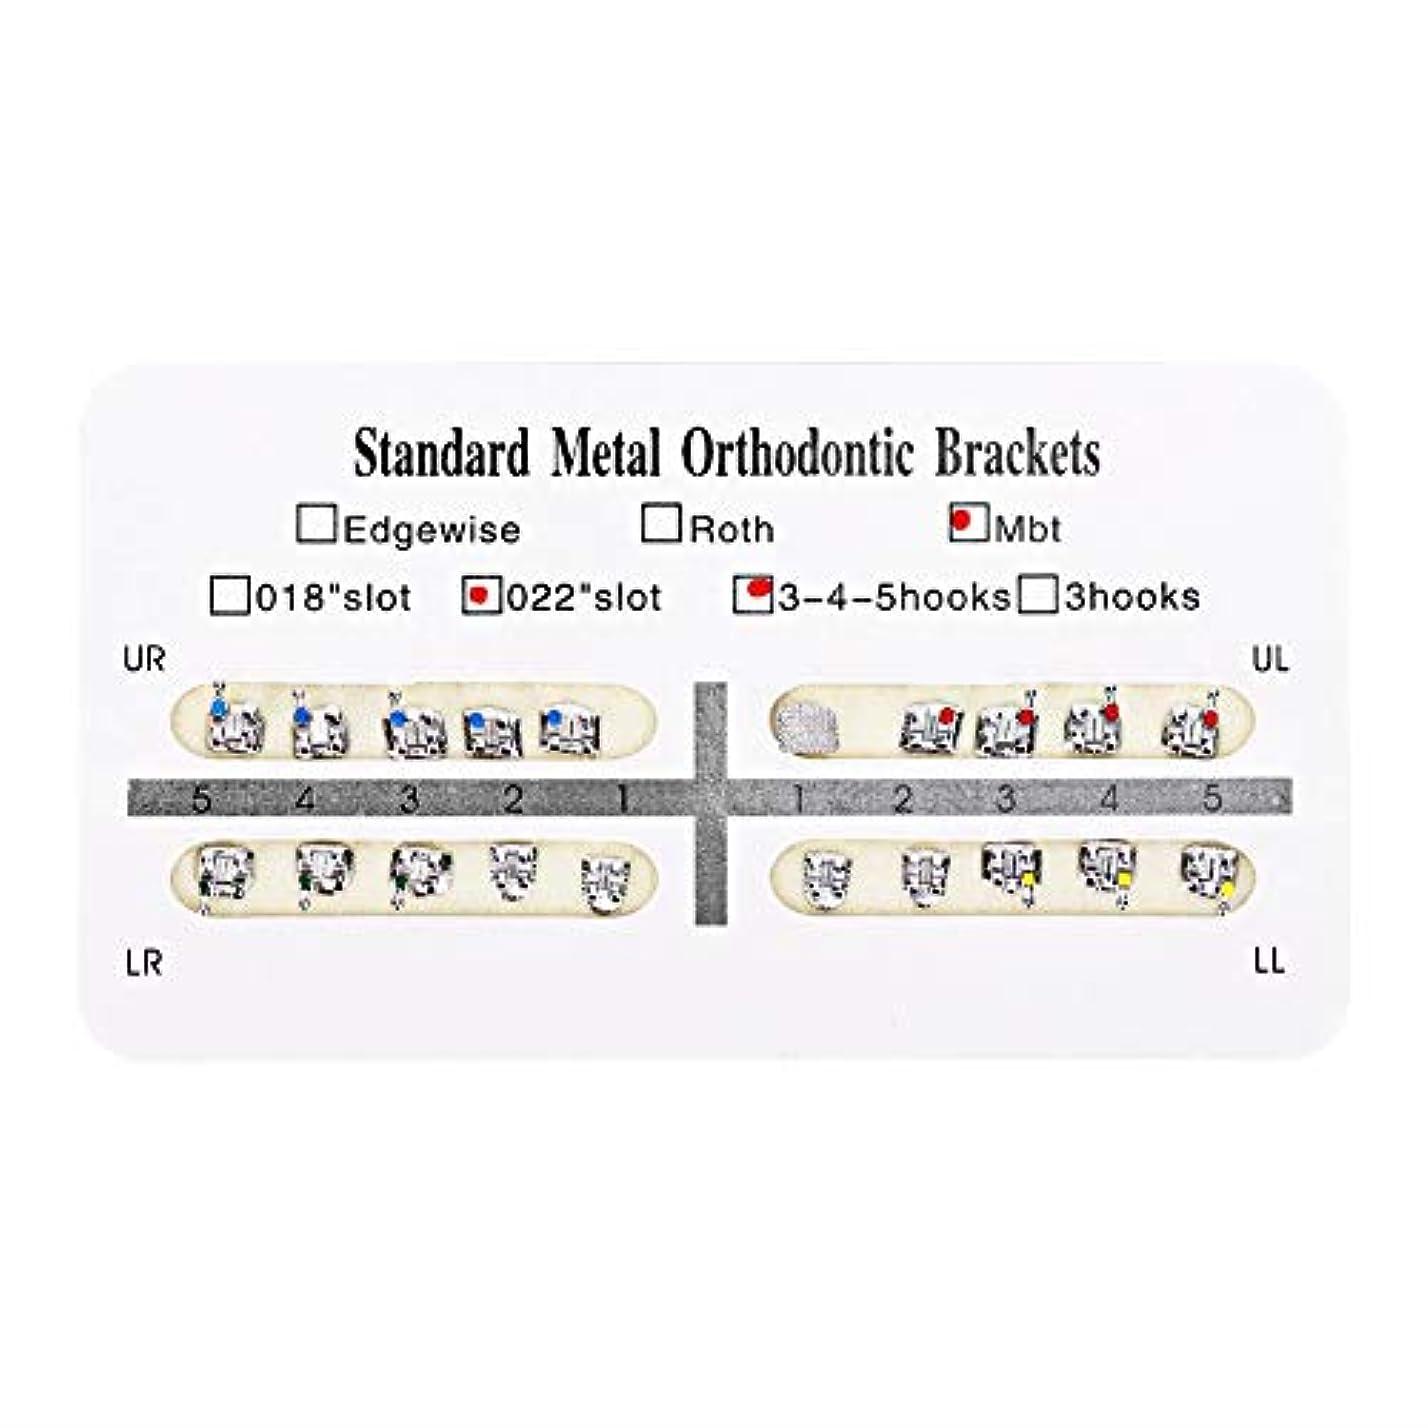 ばかげた飼料光のNITRIP 10パック 歯科矯正ブラケット クリニーク歯科ツール (Mbt)